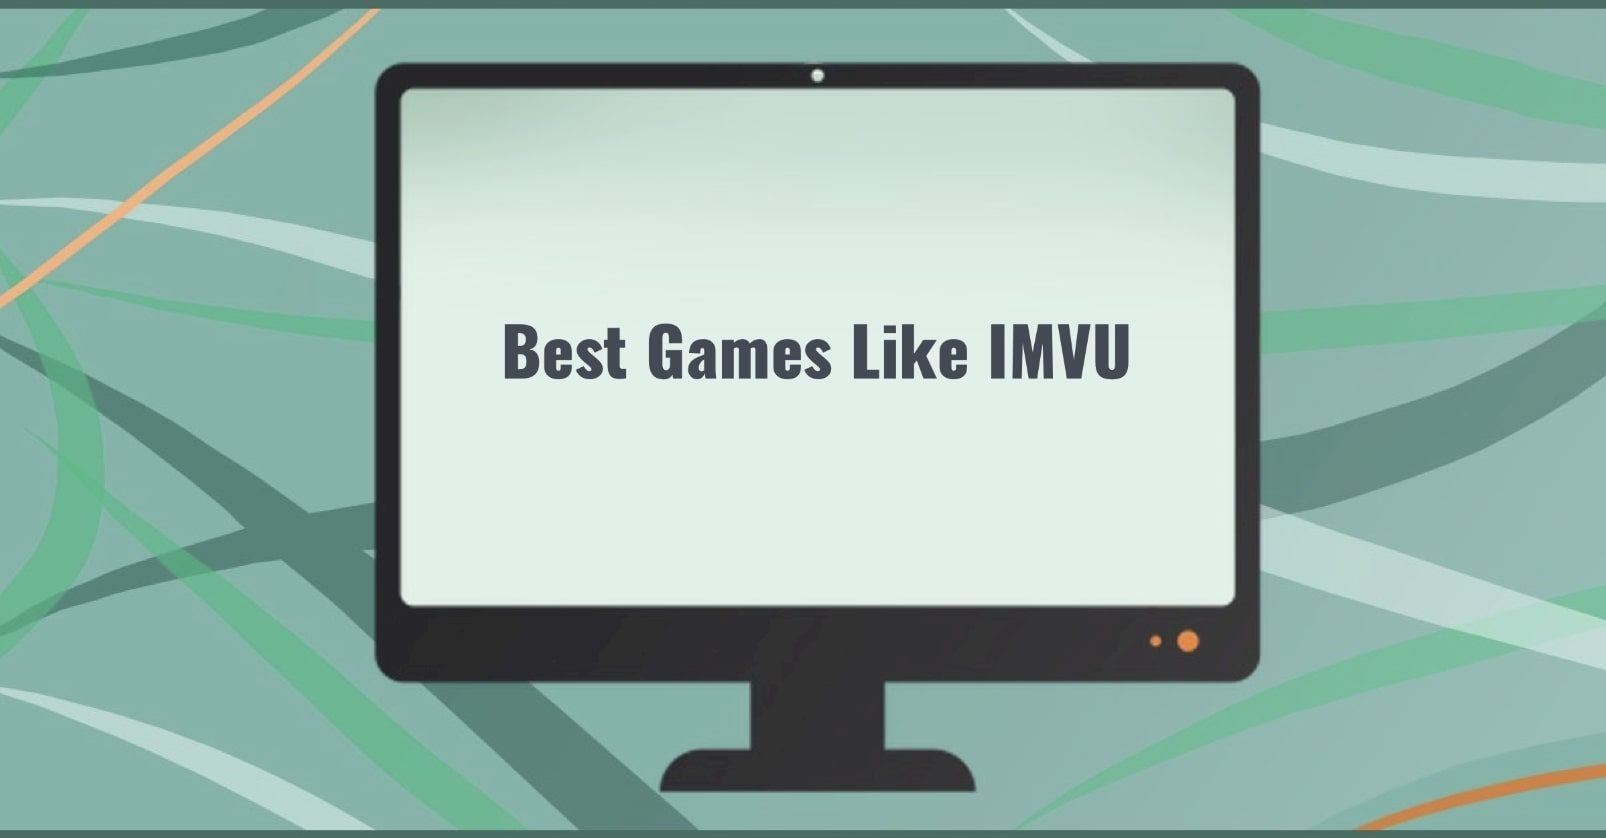 Best Games Like IMVU